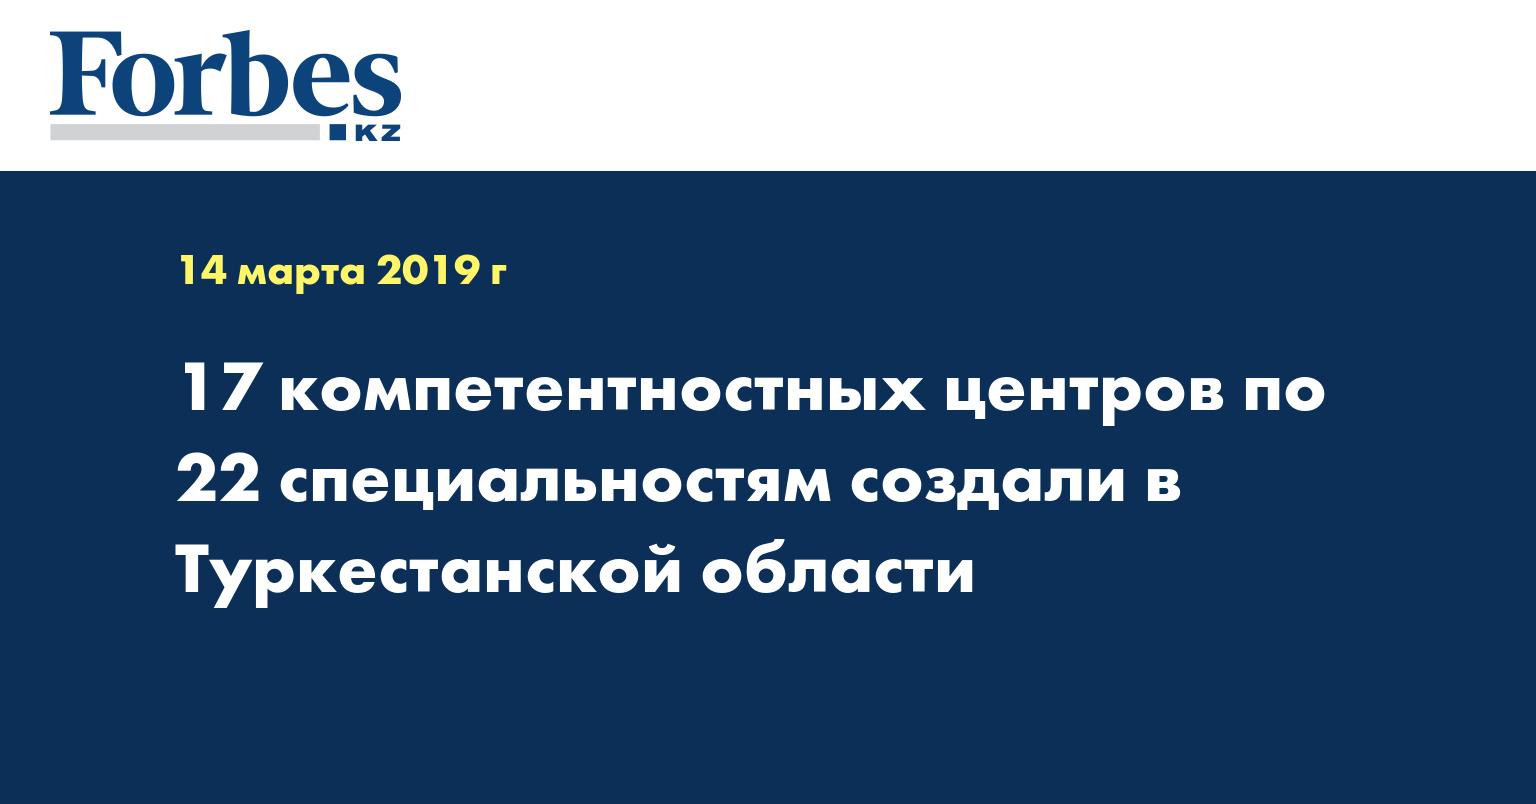 17 компетентностных центров по 22 специальностям создали в Туркестанской области